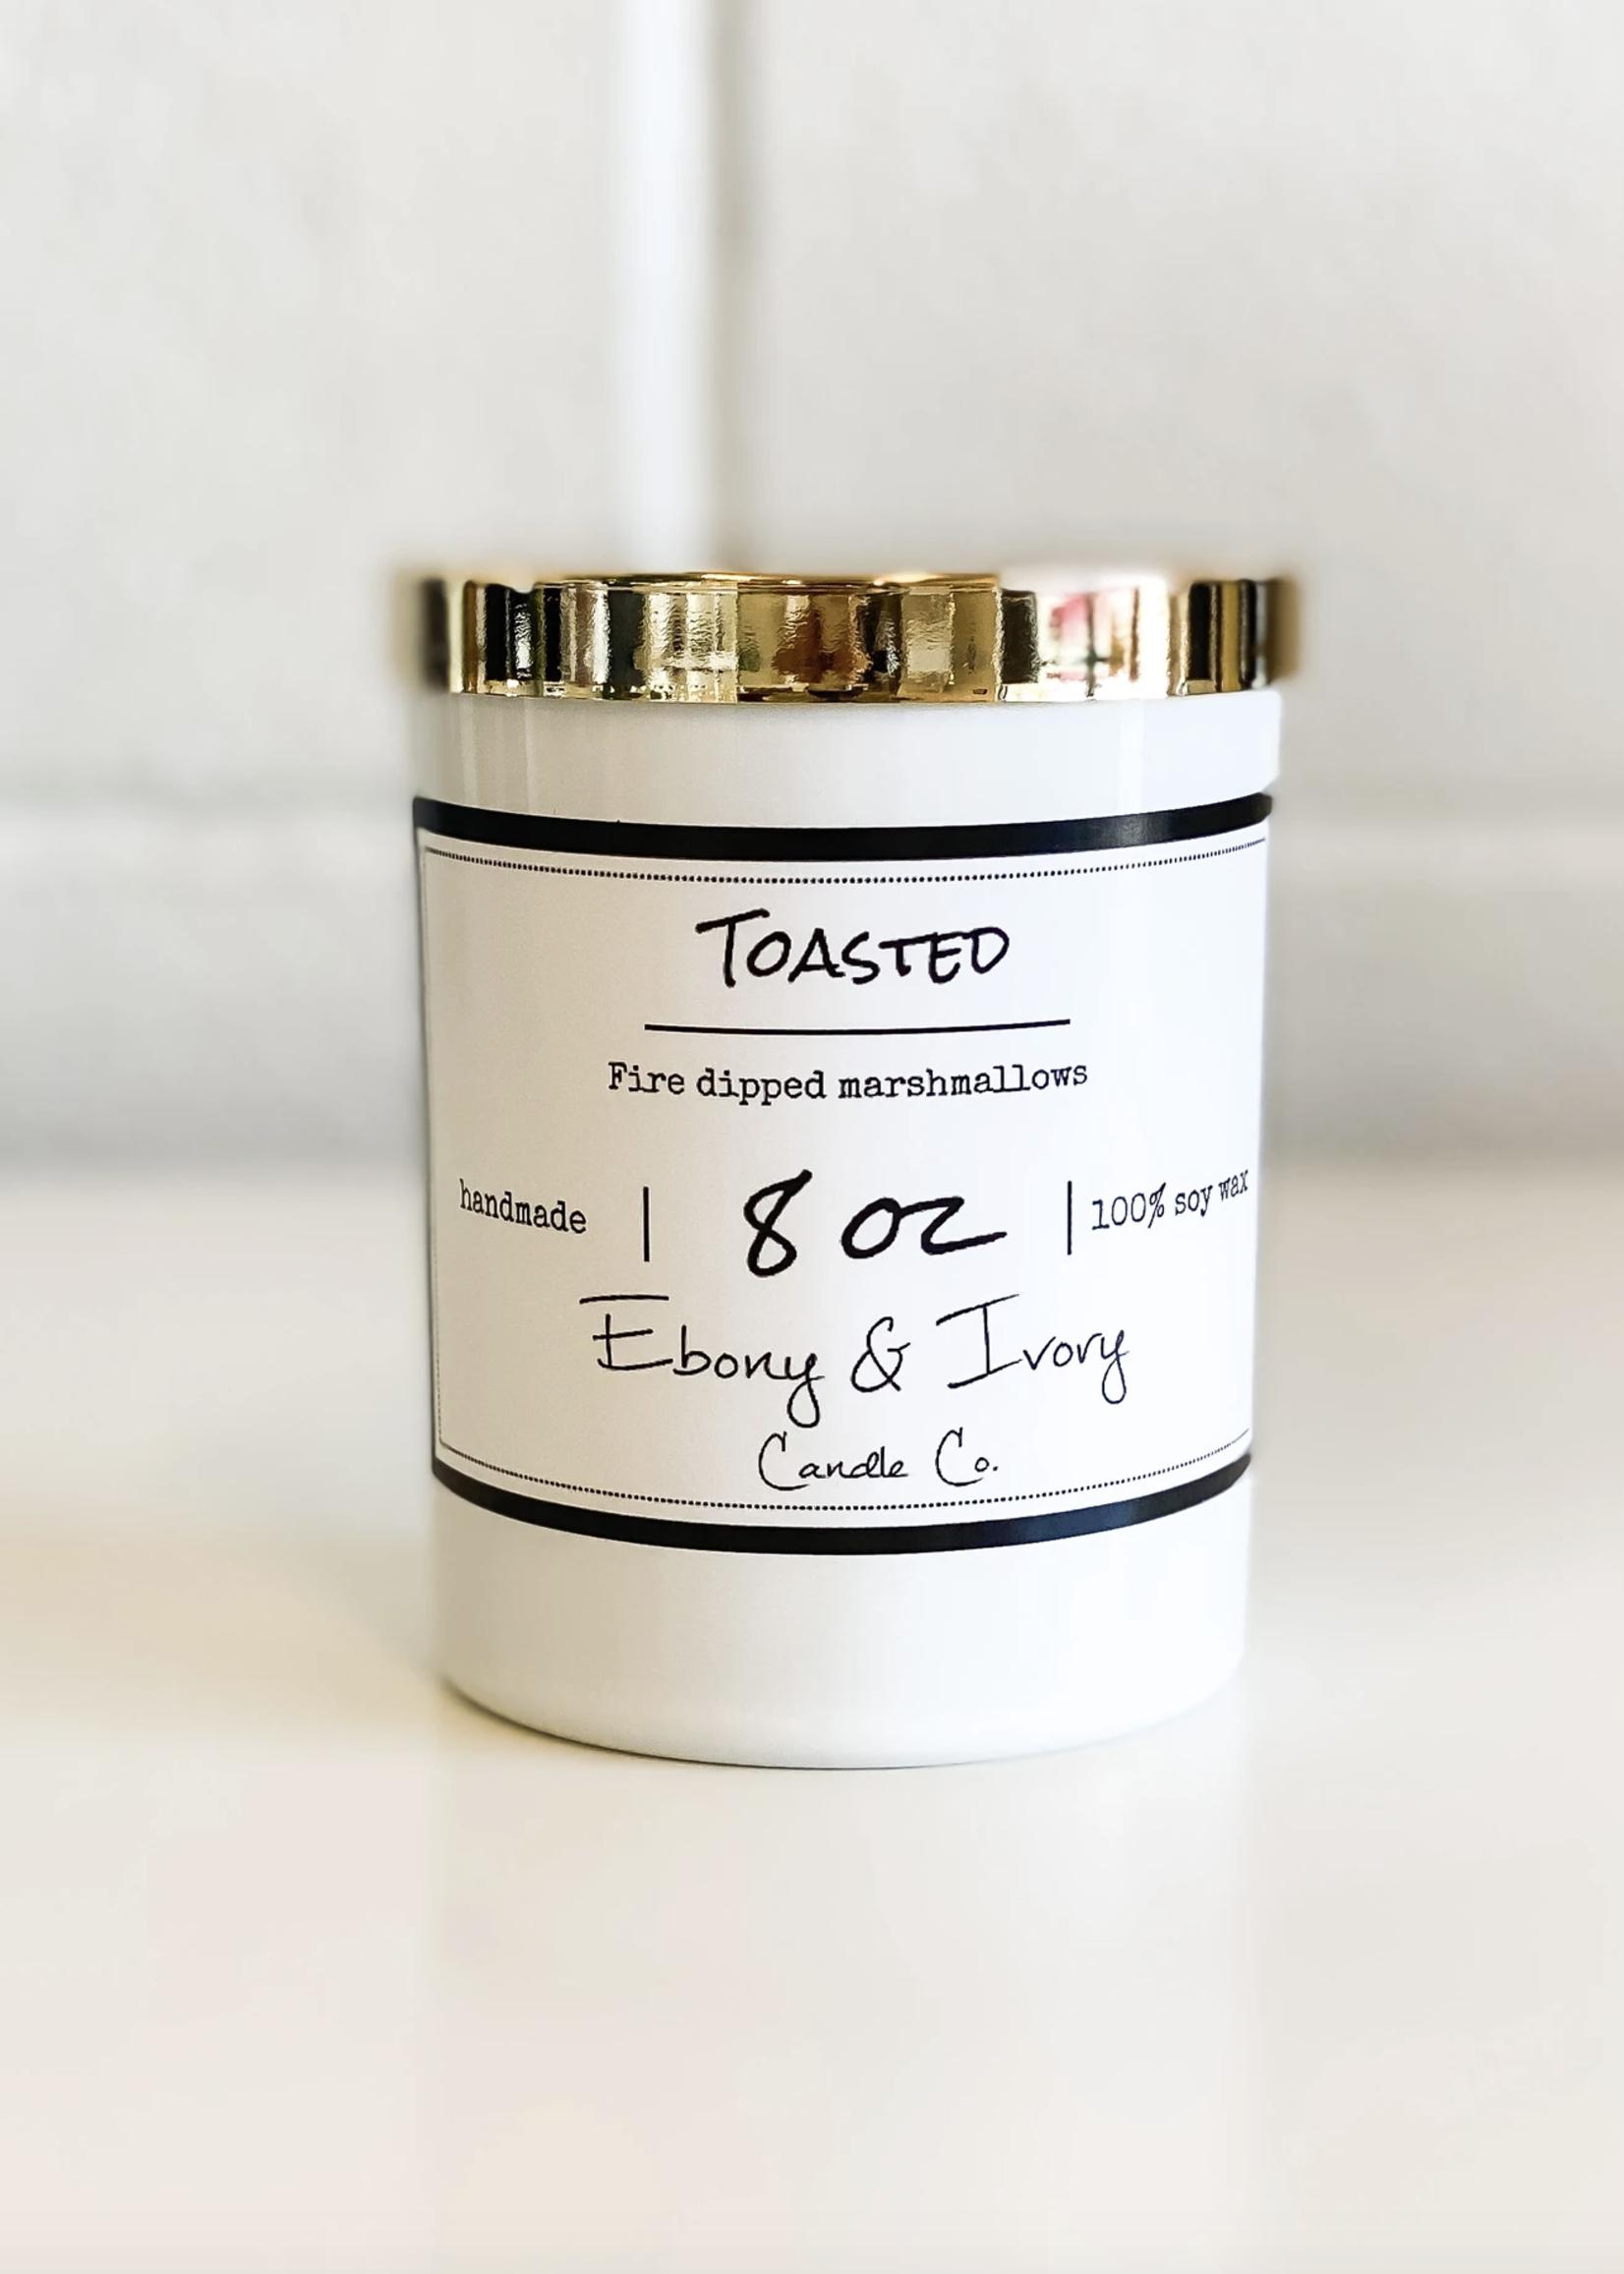 Ebony & Ivory Candle Co. Toasted 8oz